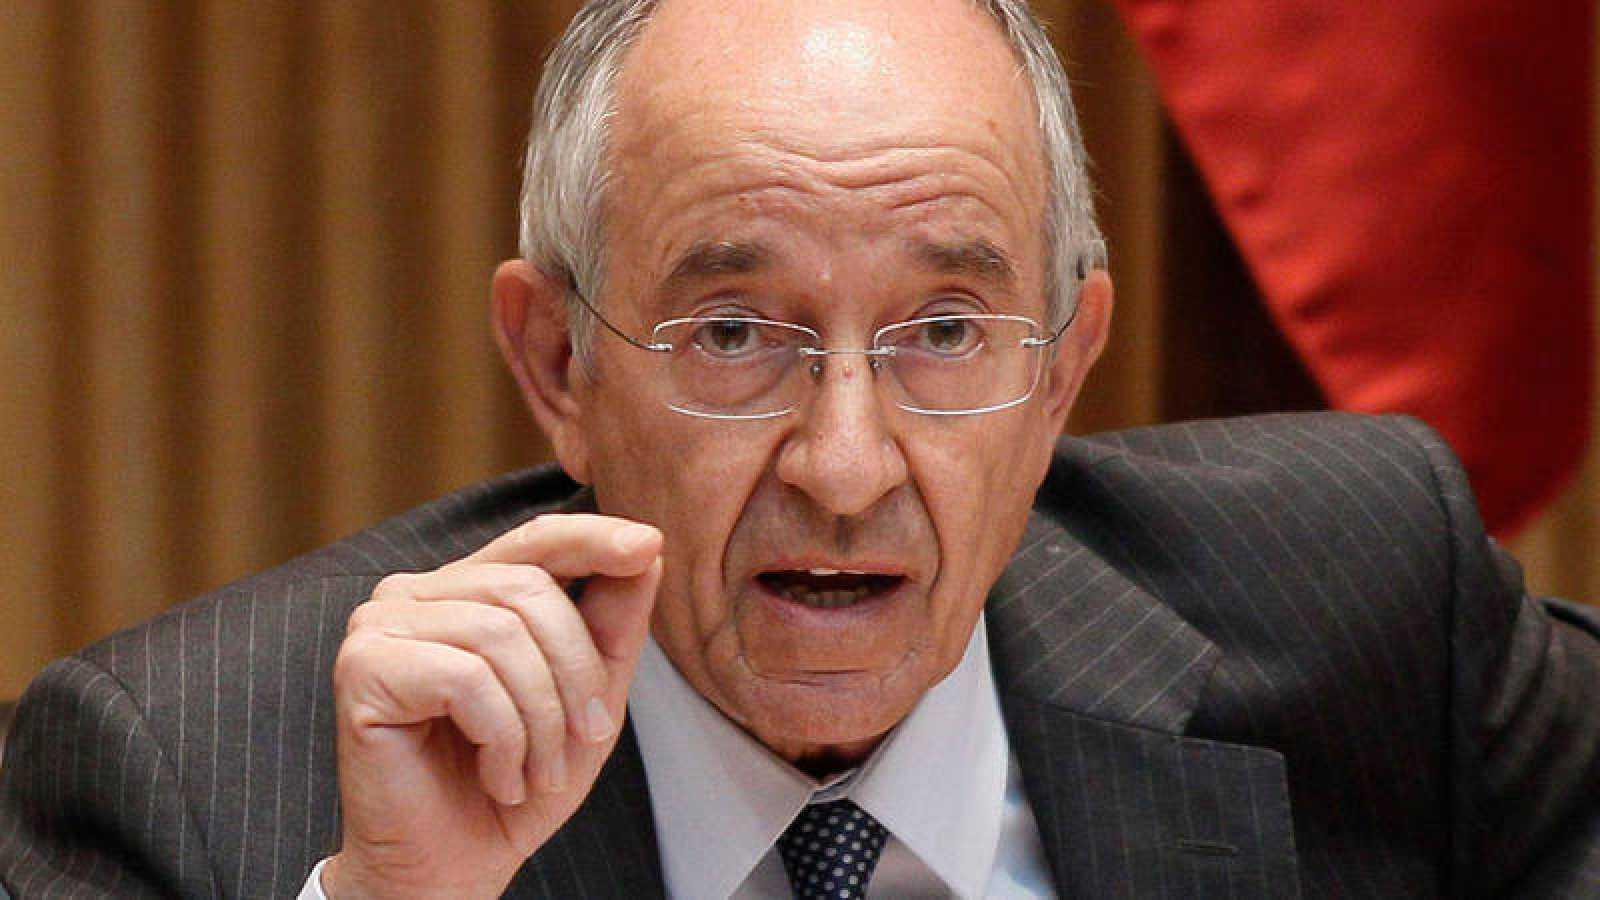 El exgobernador del Bando de España Miguel Ángel Fernández Ordóñez en una imagen de archivo